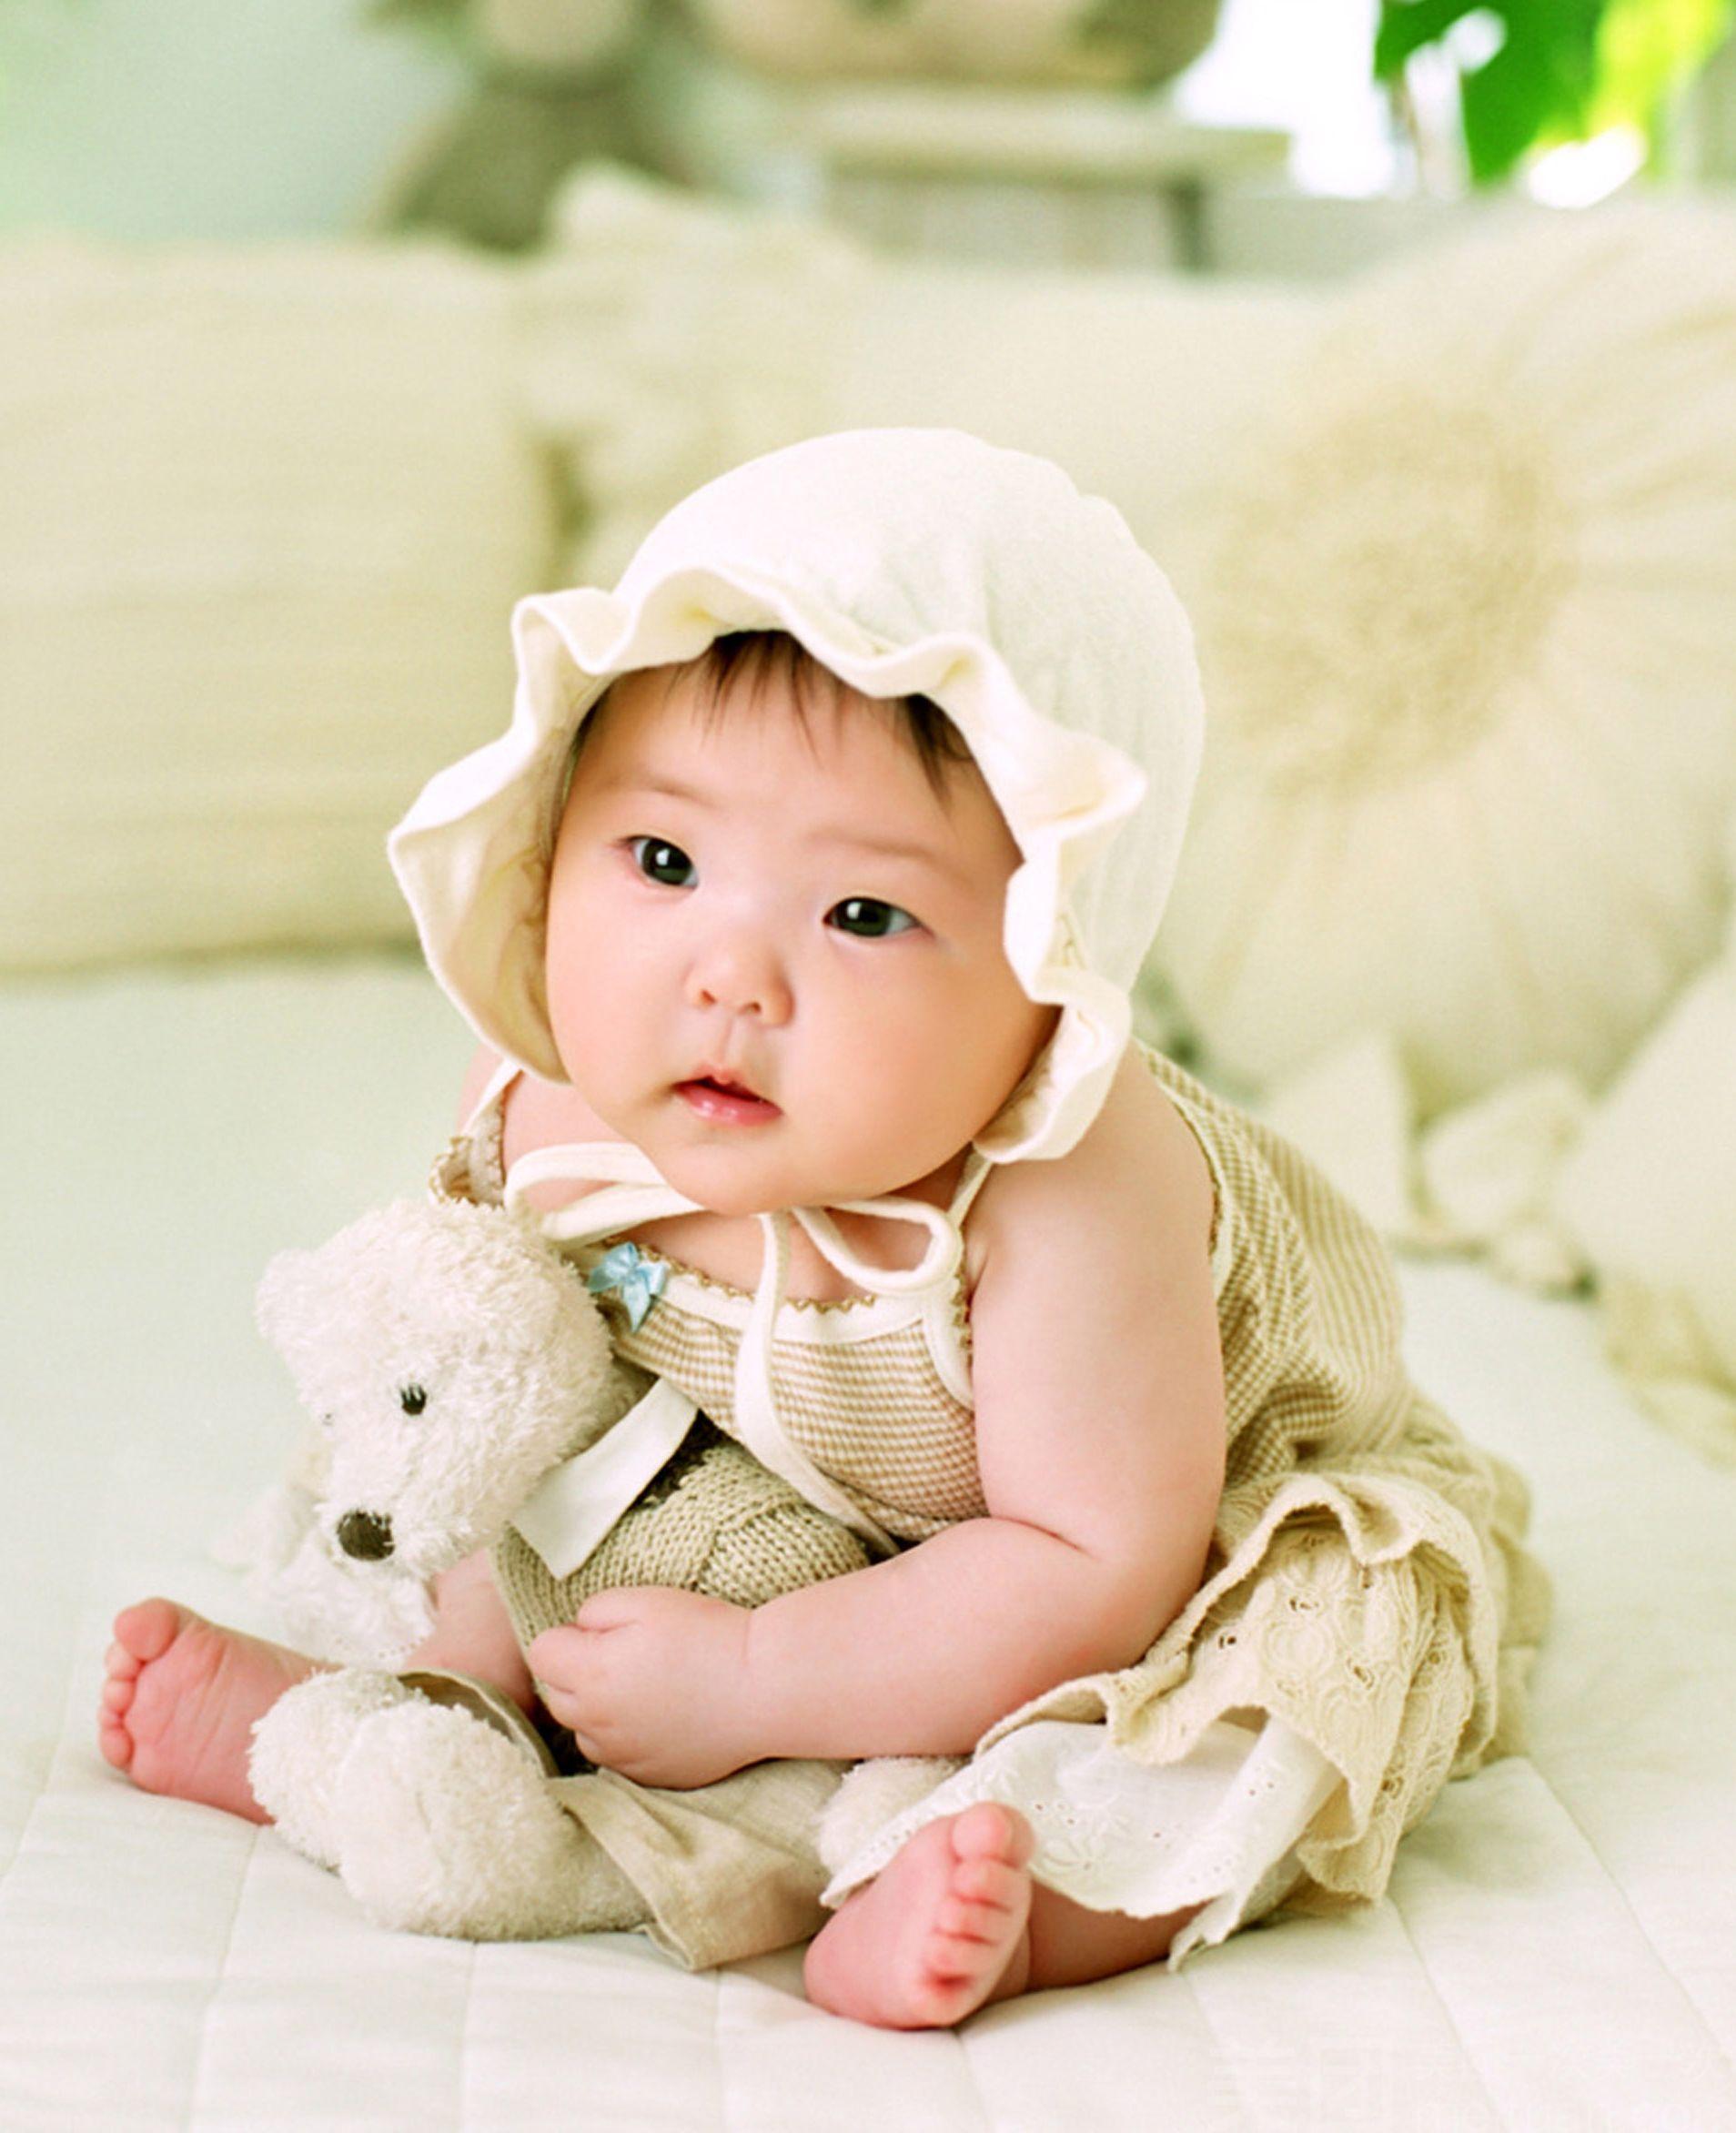 一对可爱孩子图片